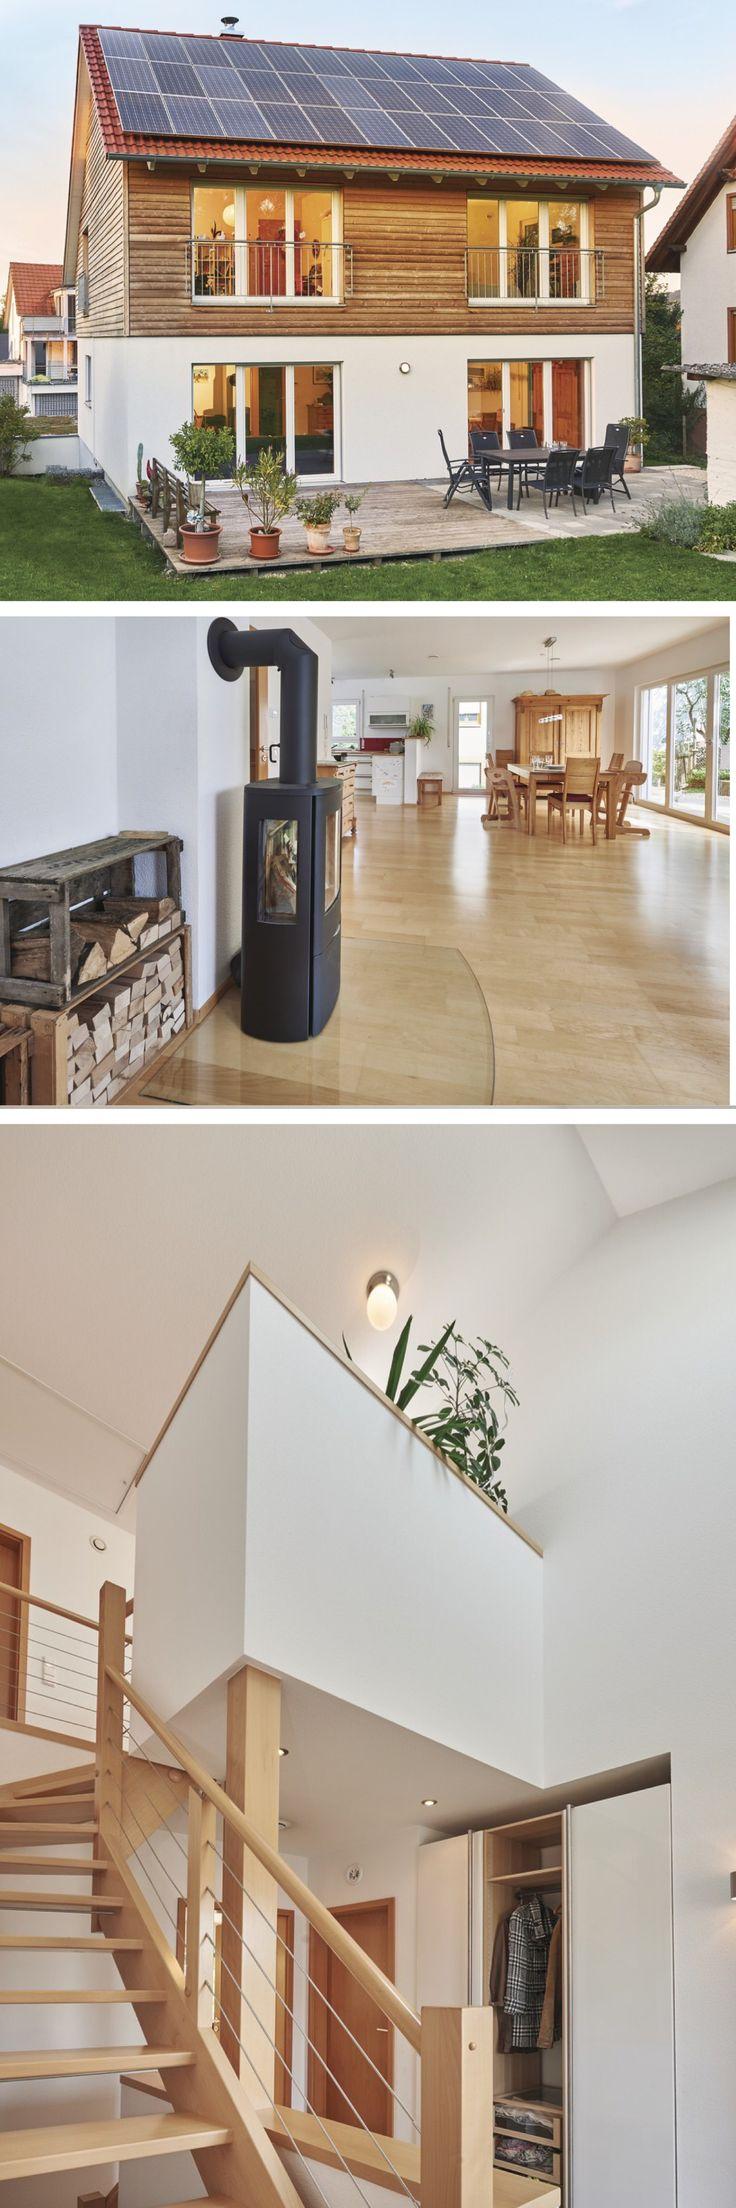 Einfamilienhaus Neubau mit Schrägdacharchitektur, Holzfassade & Kamin – Hausbau